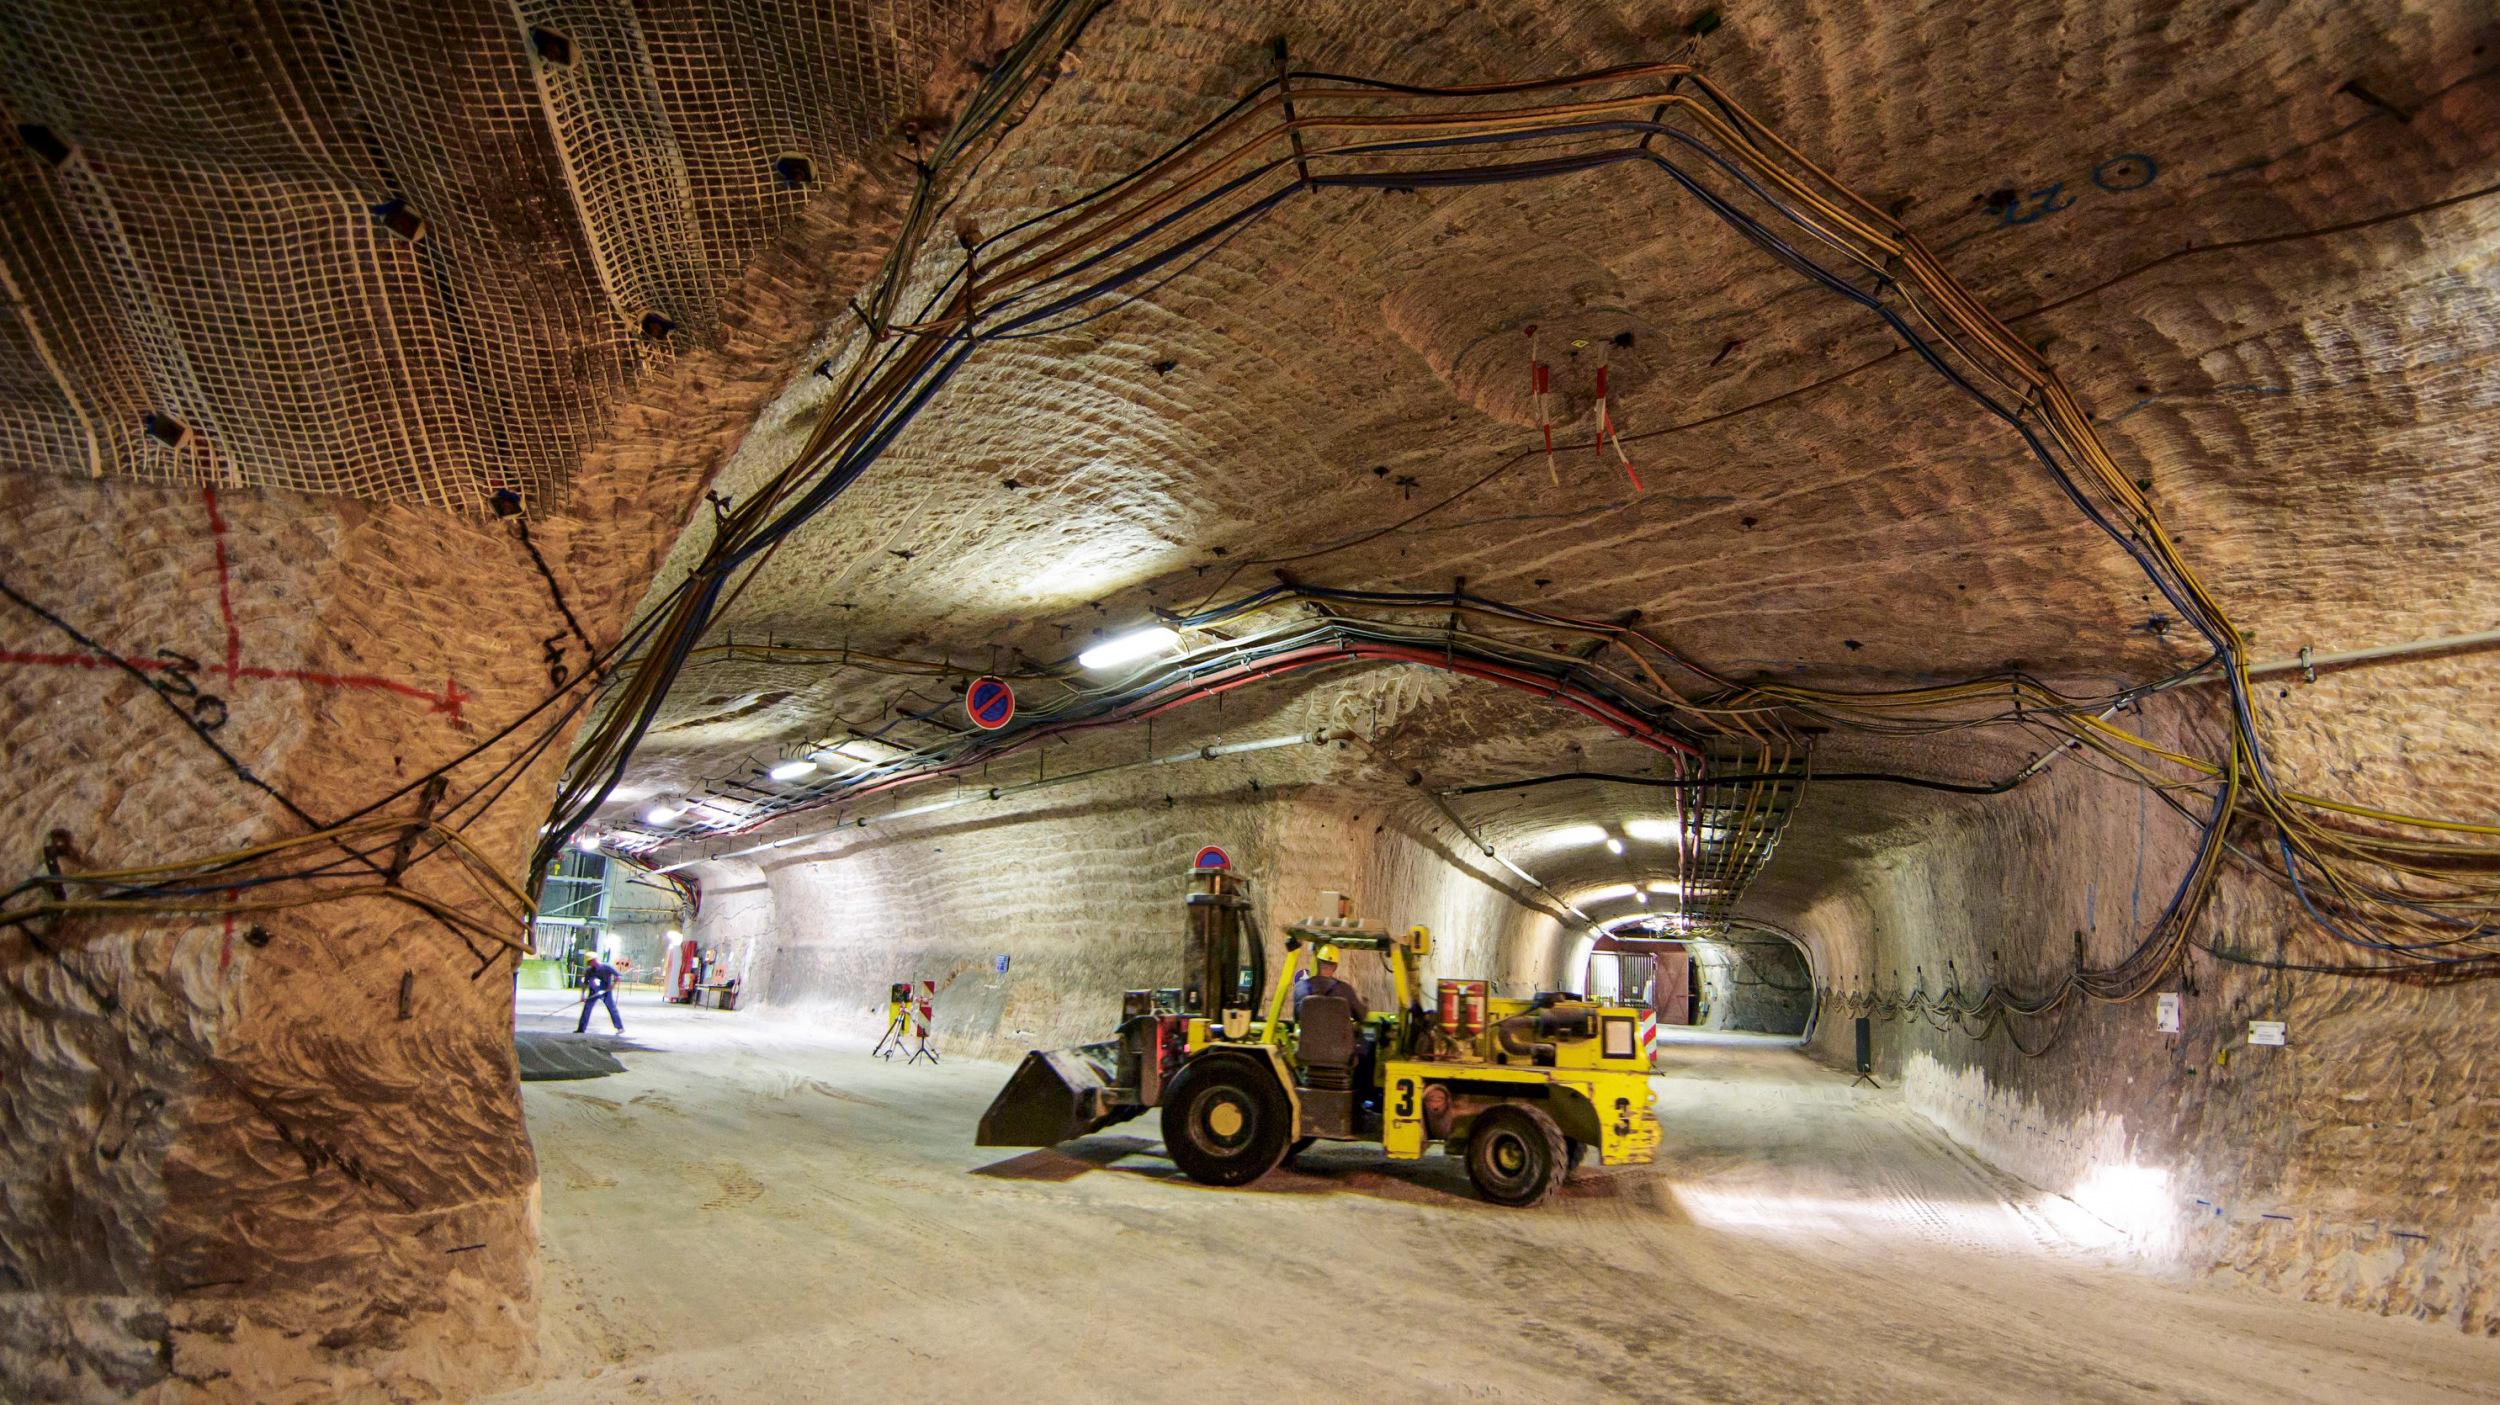 FEHLINVESTITIONGut zwei Milliarden Euro wurden bislang in das Erkundungsbergwerk Gorleben investiert. Experten halten den Salzstock als Atommülllager für ungeeignet